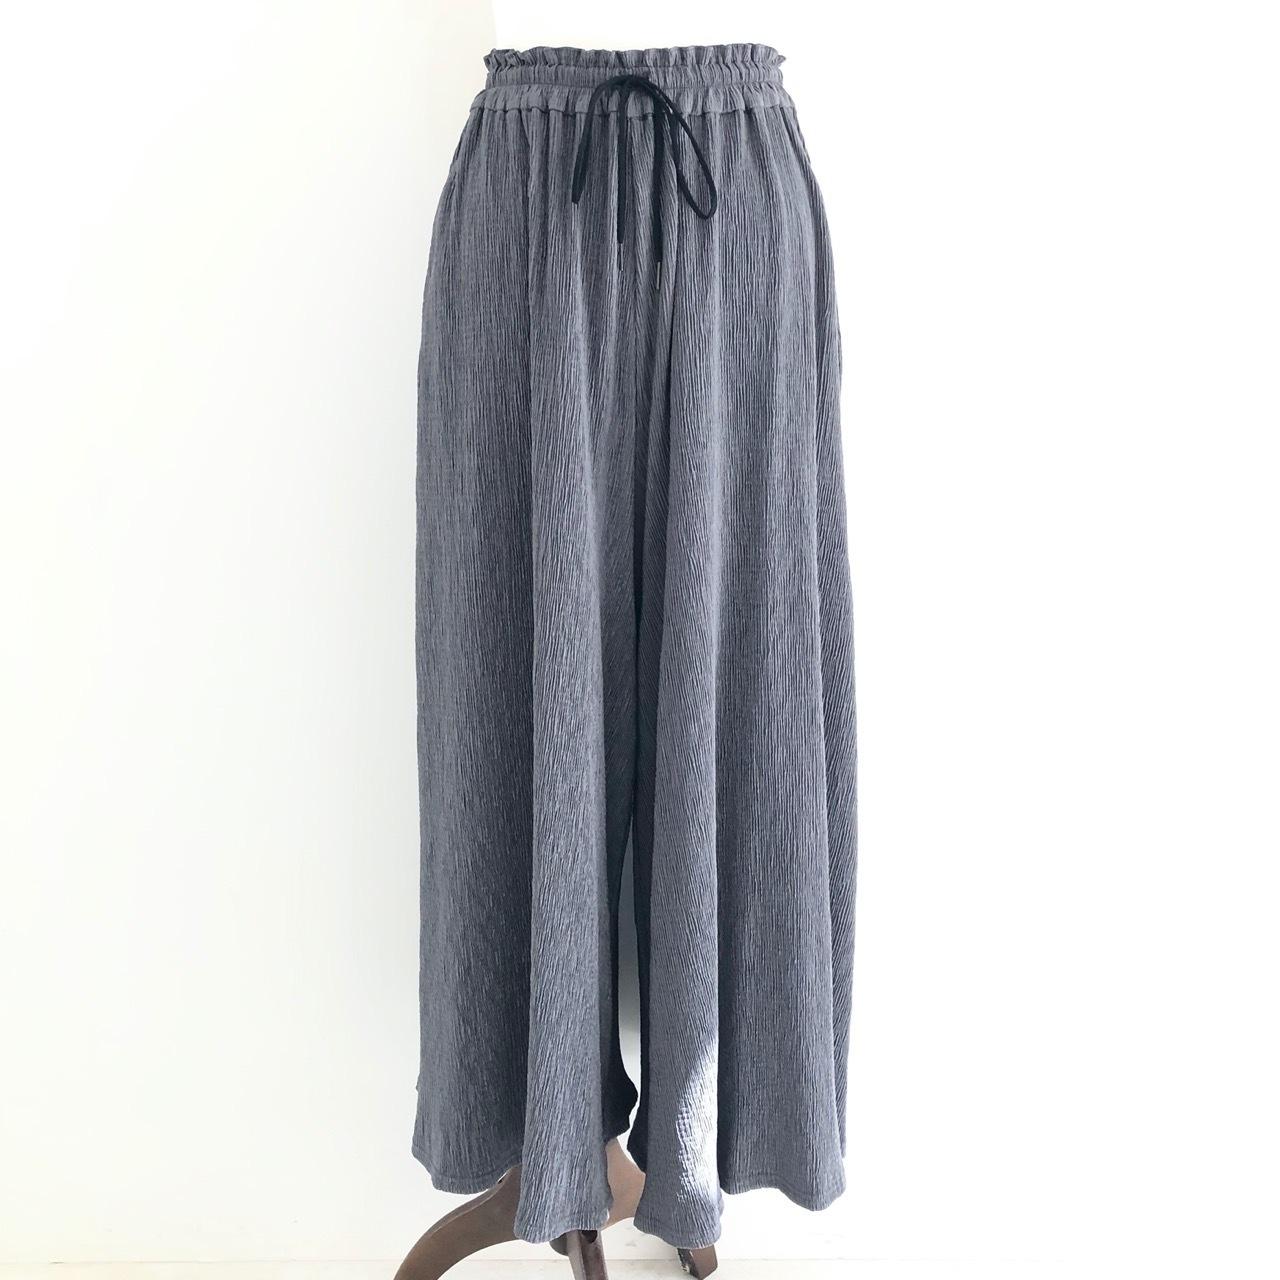 【 QTUME 】- 052-26572 - プリーツパンツスカート